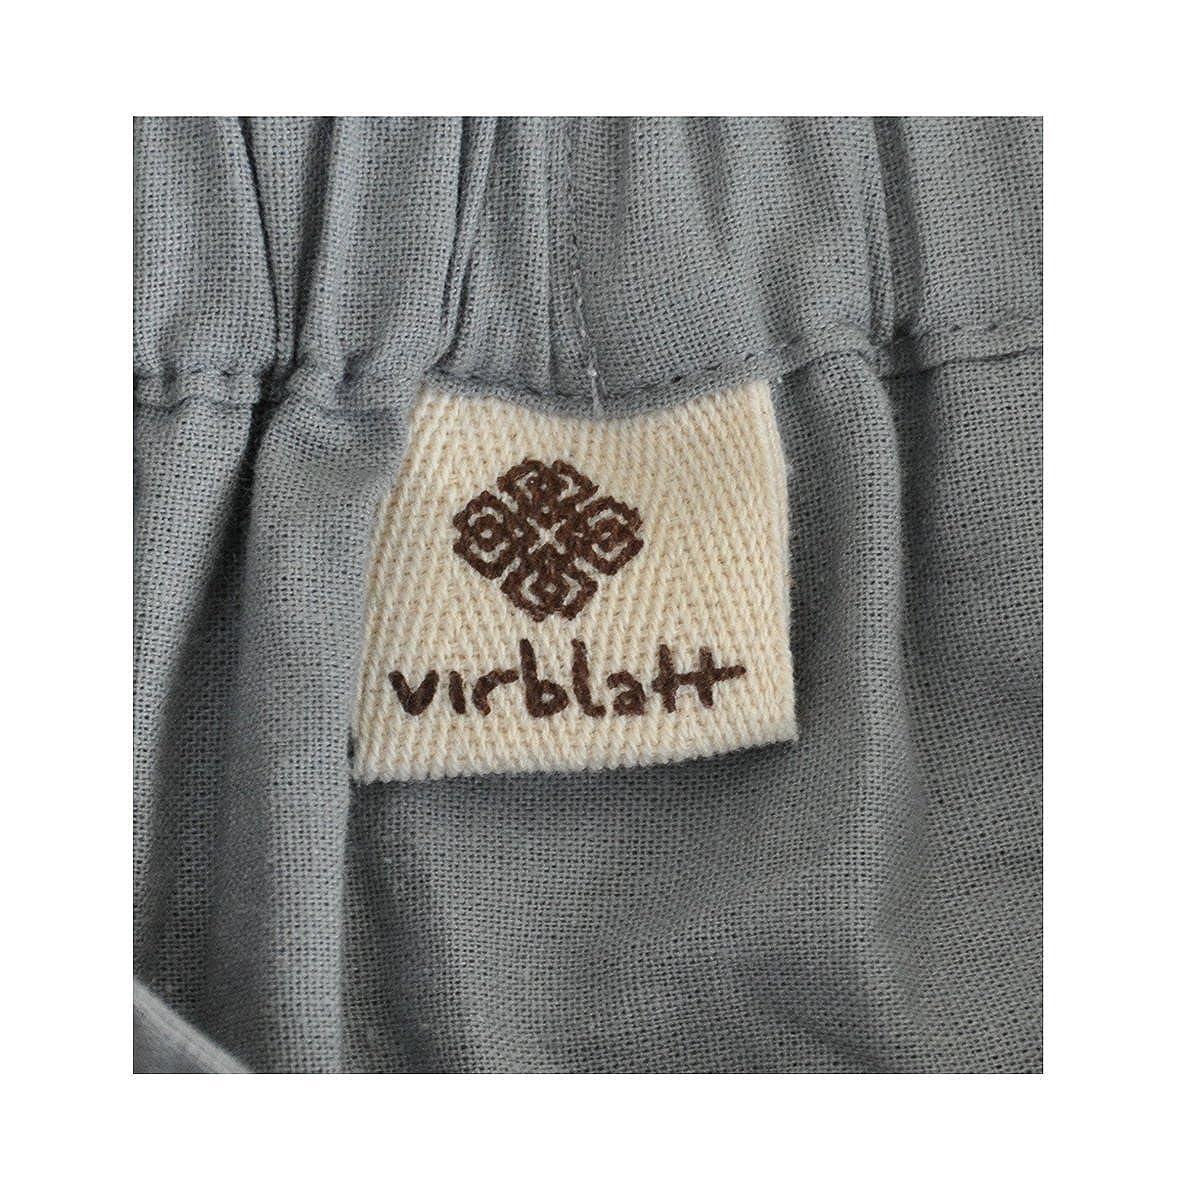 pantalones bombachos virblatt de verano talla unica para hombres y ... c43f7109bf9